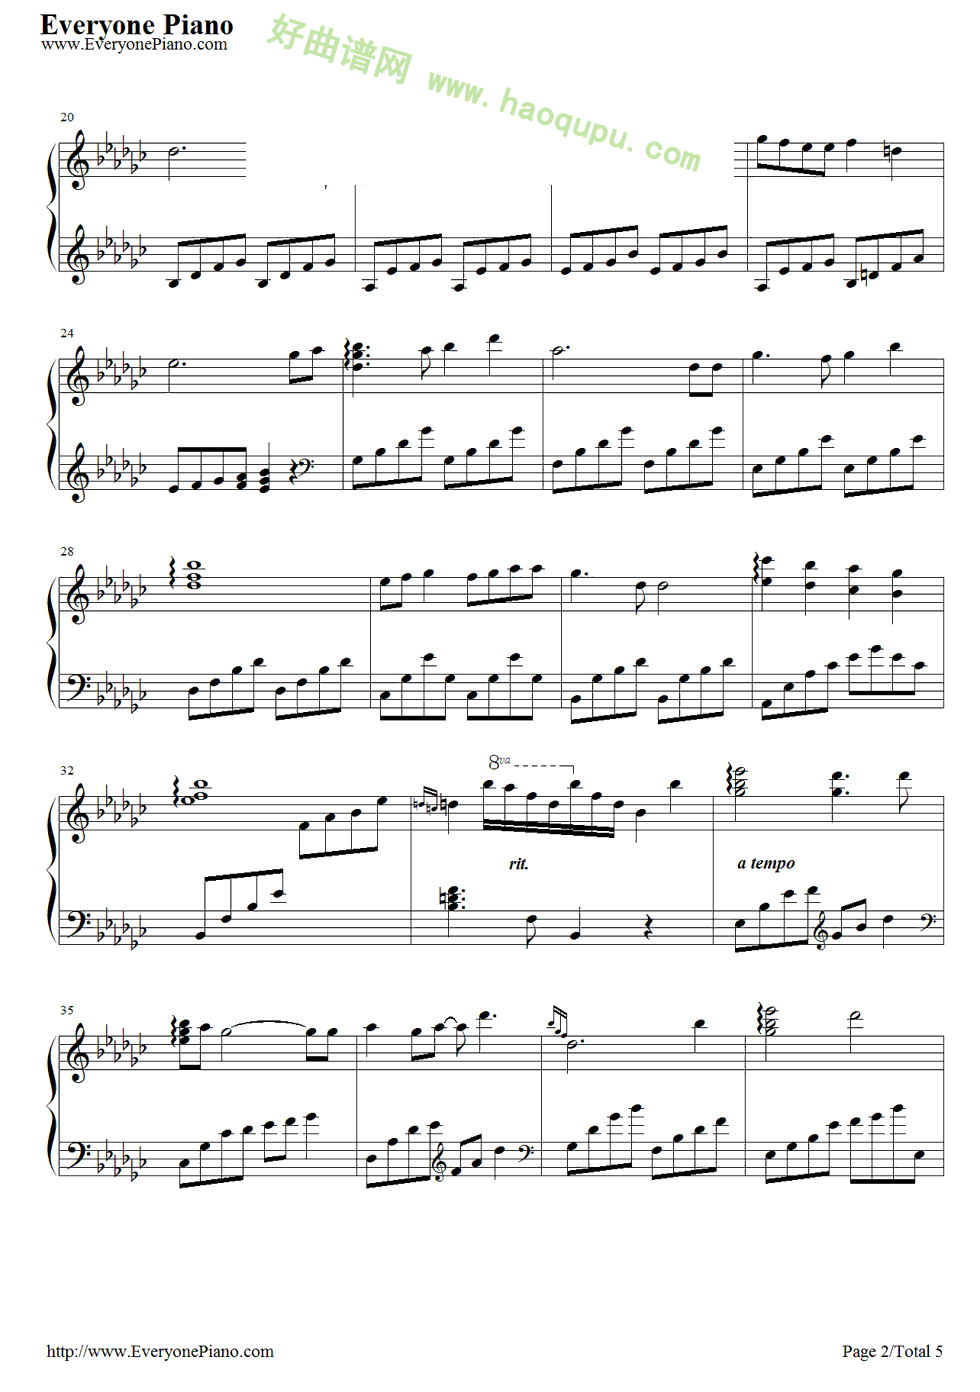 天空之城钢琴曲谱超大分享展示